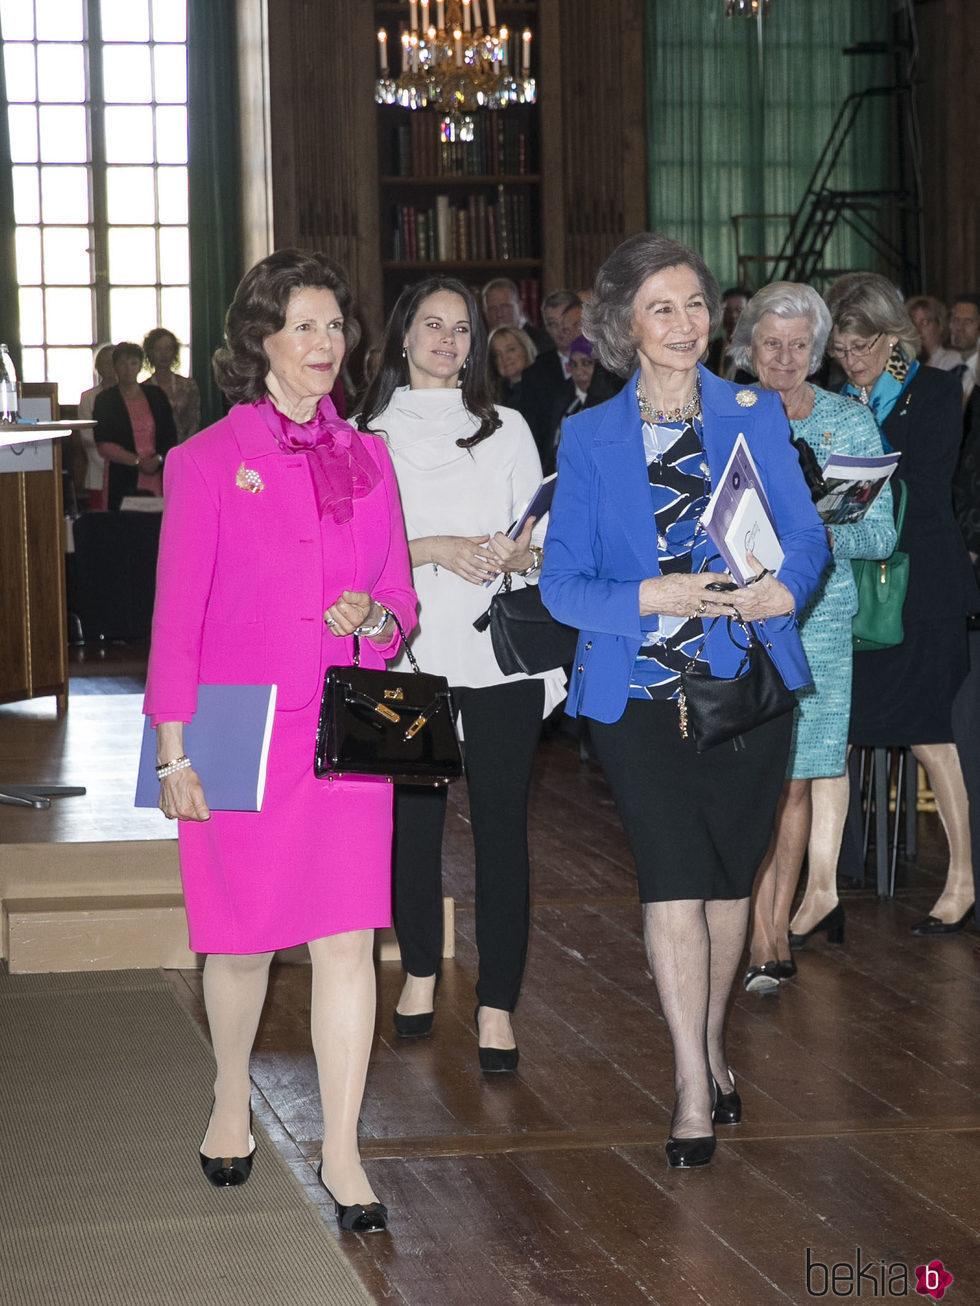 Silvia de Suecia, la Reina Sofía y Sofia Hellqvist en el X Foro de la Demencia